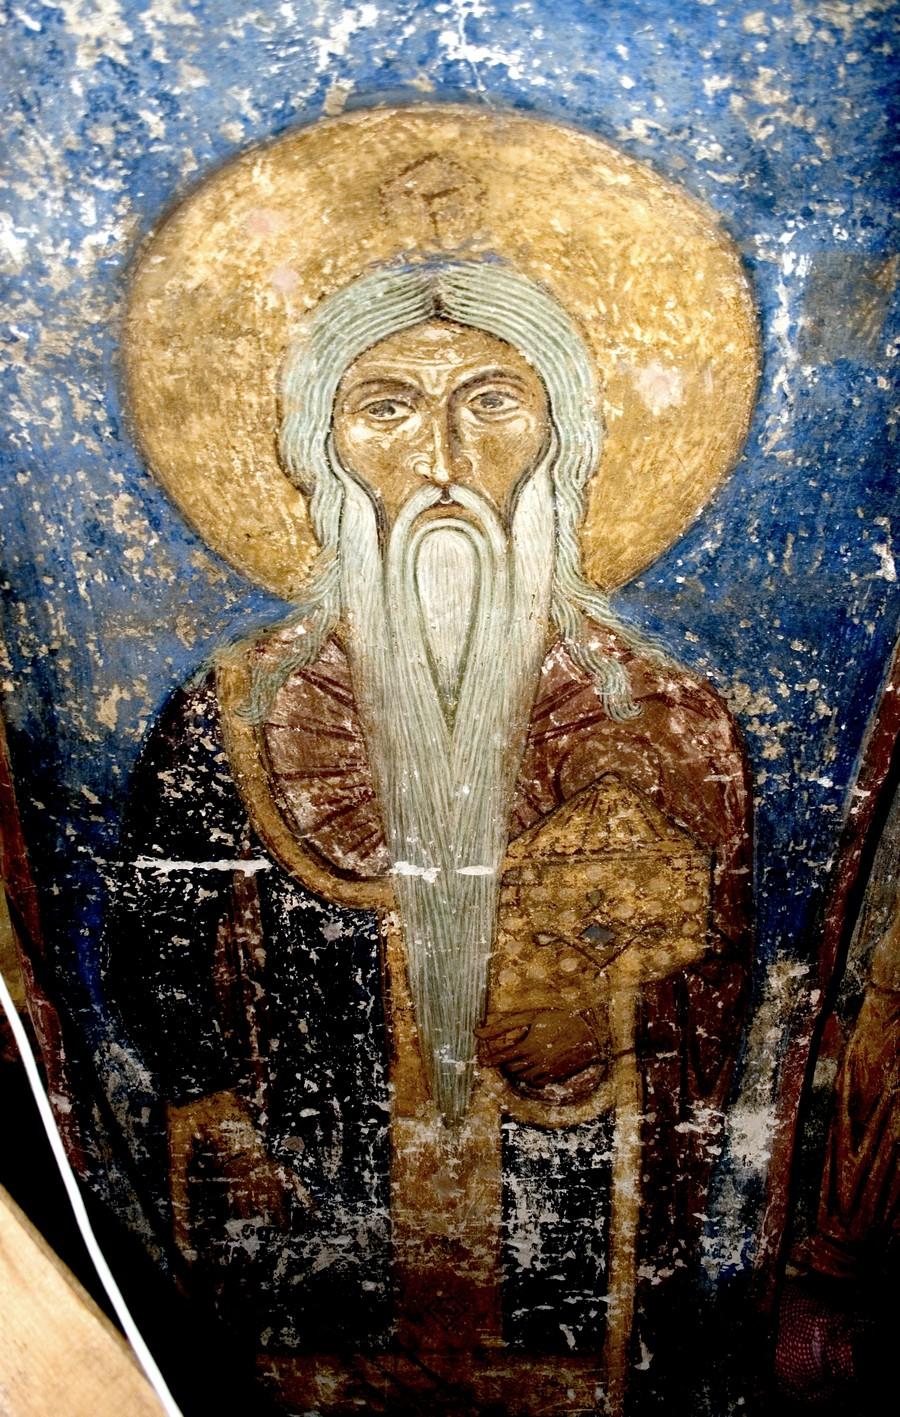 Святой первосвященник. Фреска Спасо-Преображенского собора Мирожского монастыря в Пскове. Около 1140 года.